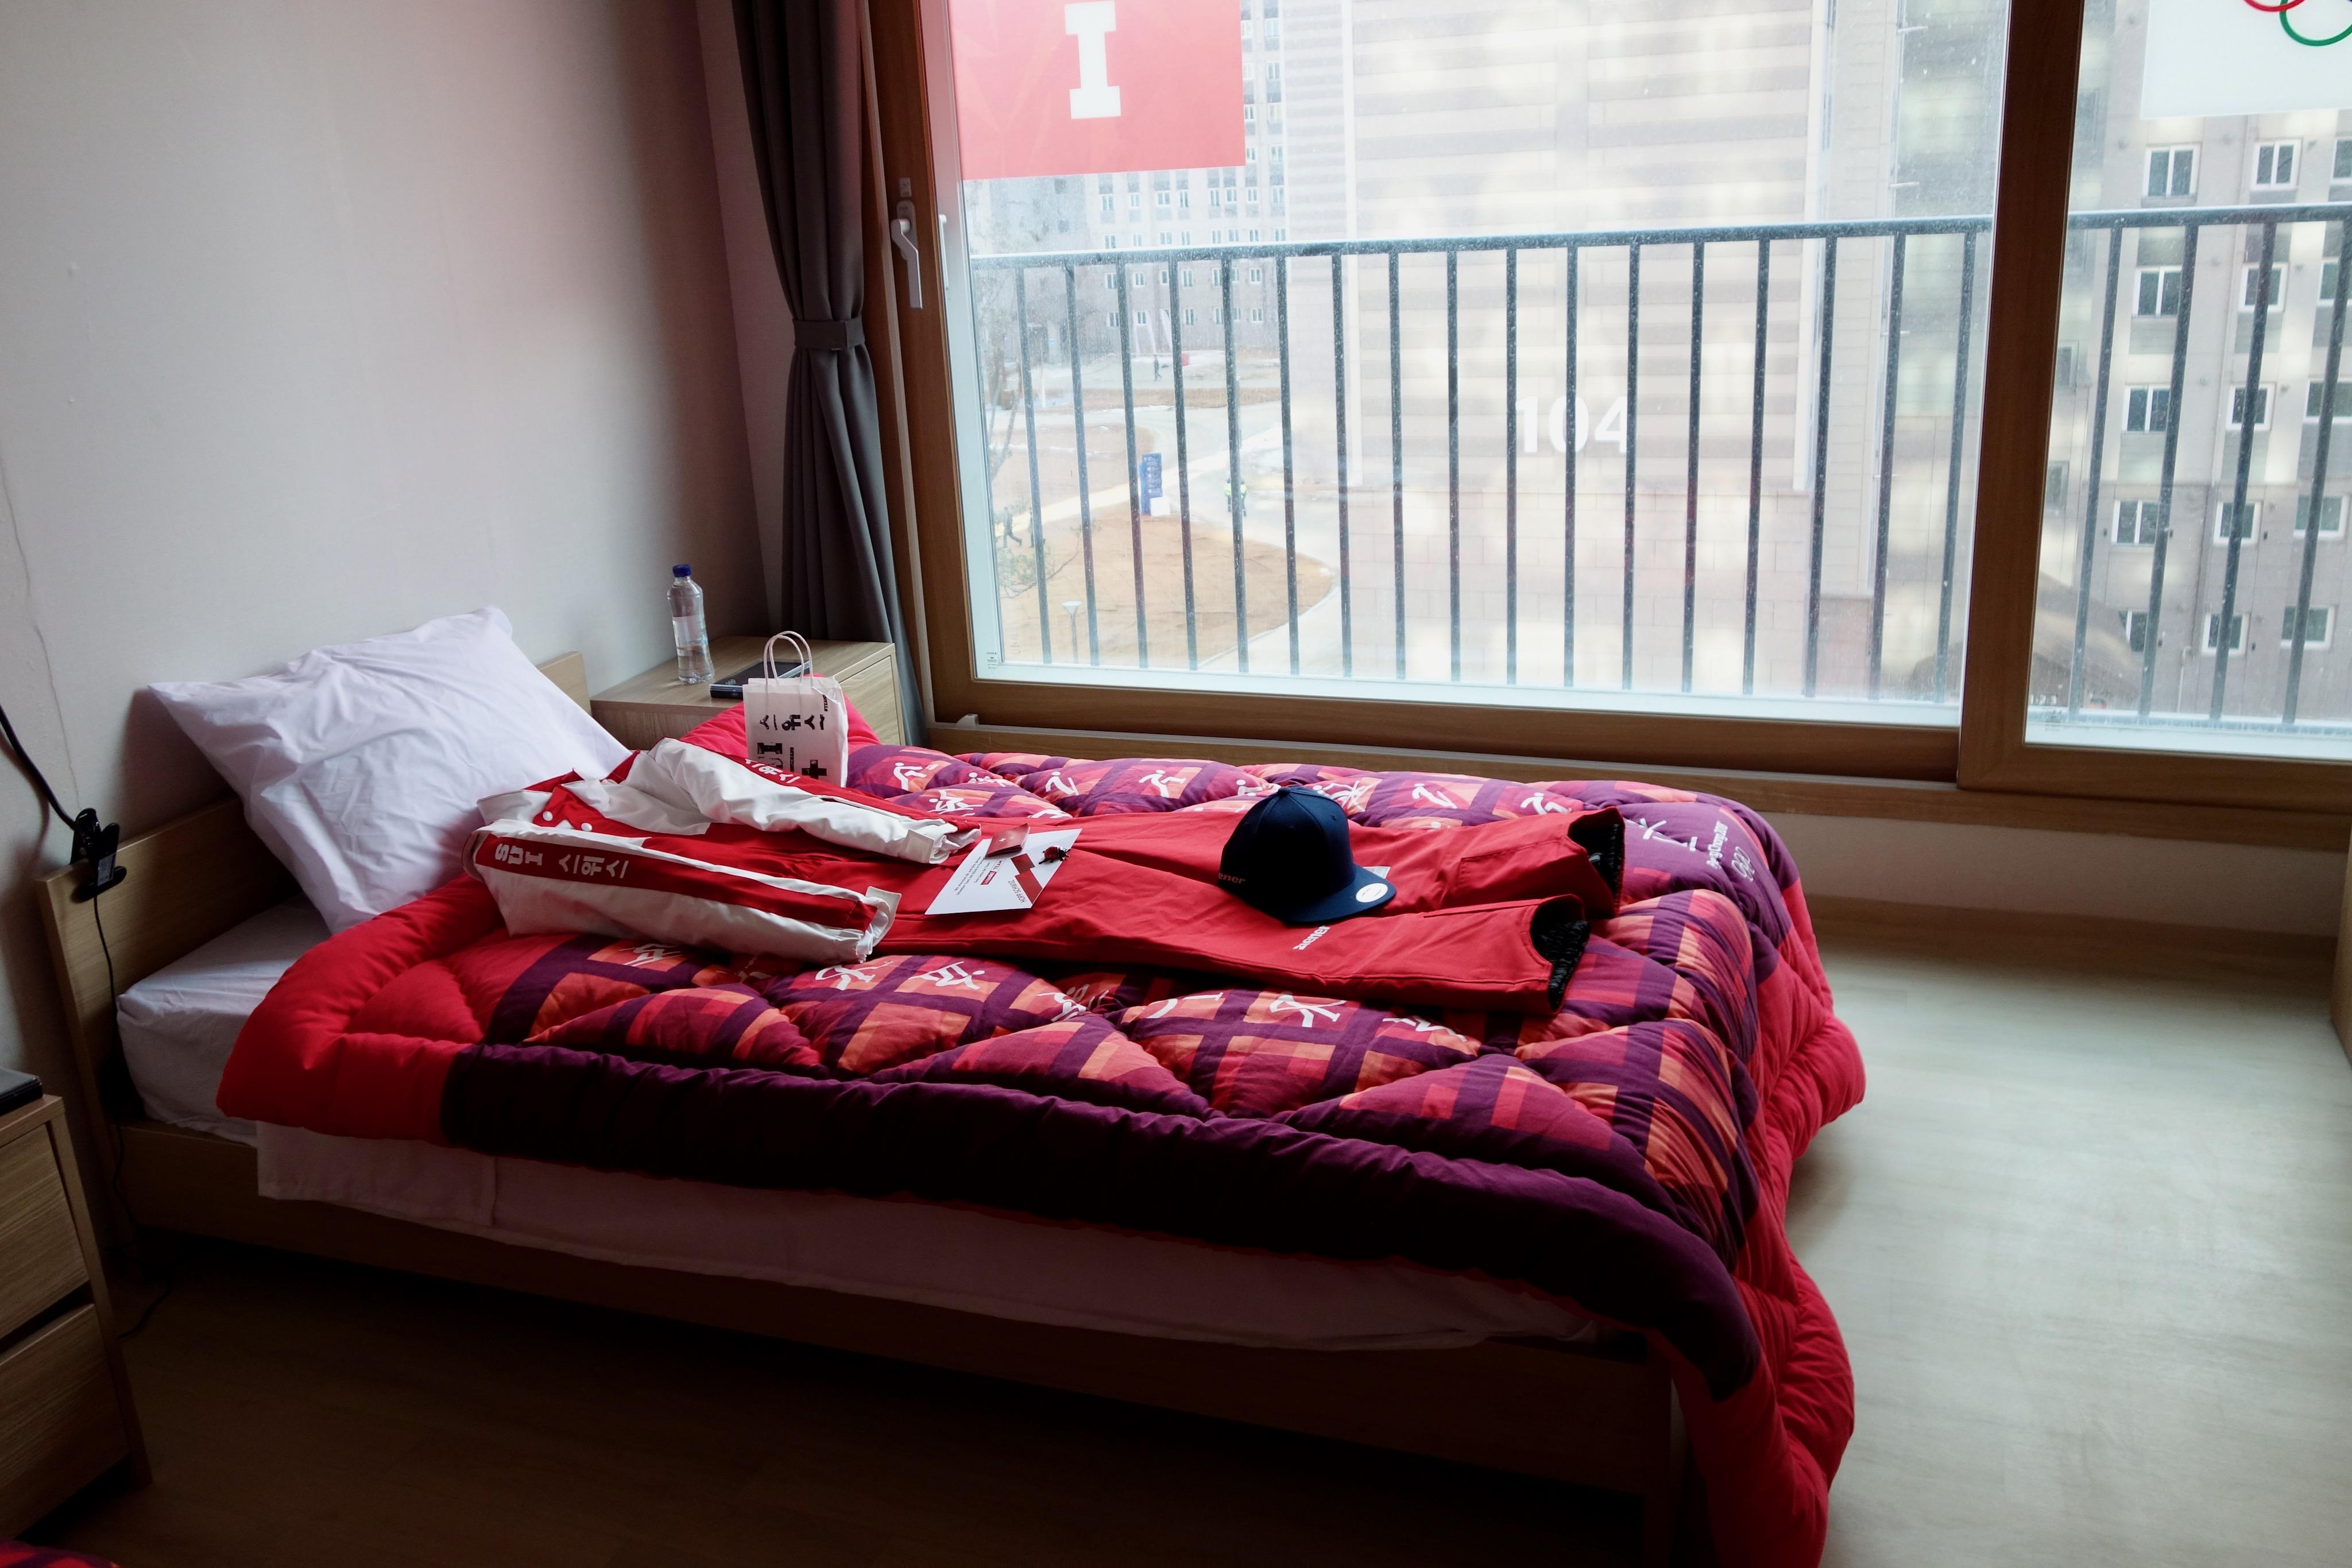 Les lits des athlètes suisses ont été préparés.